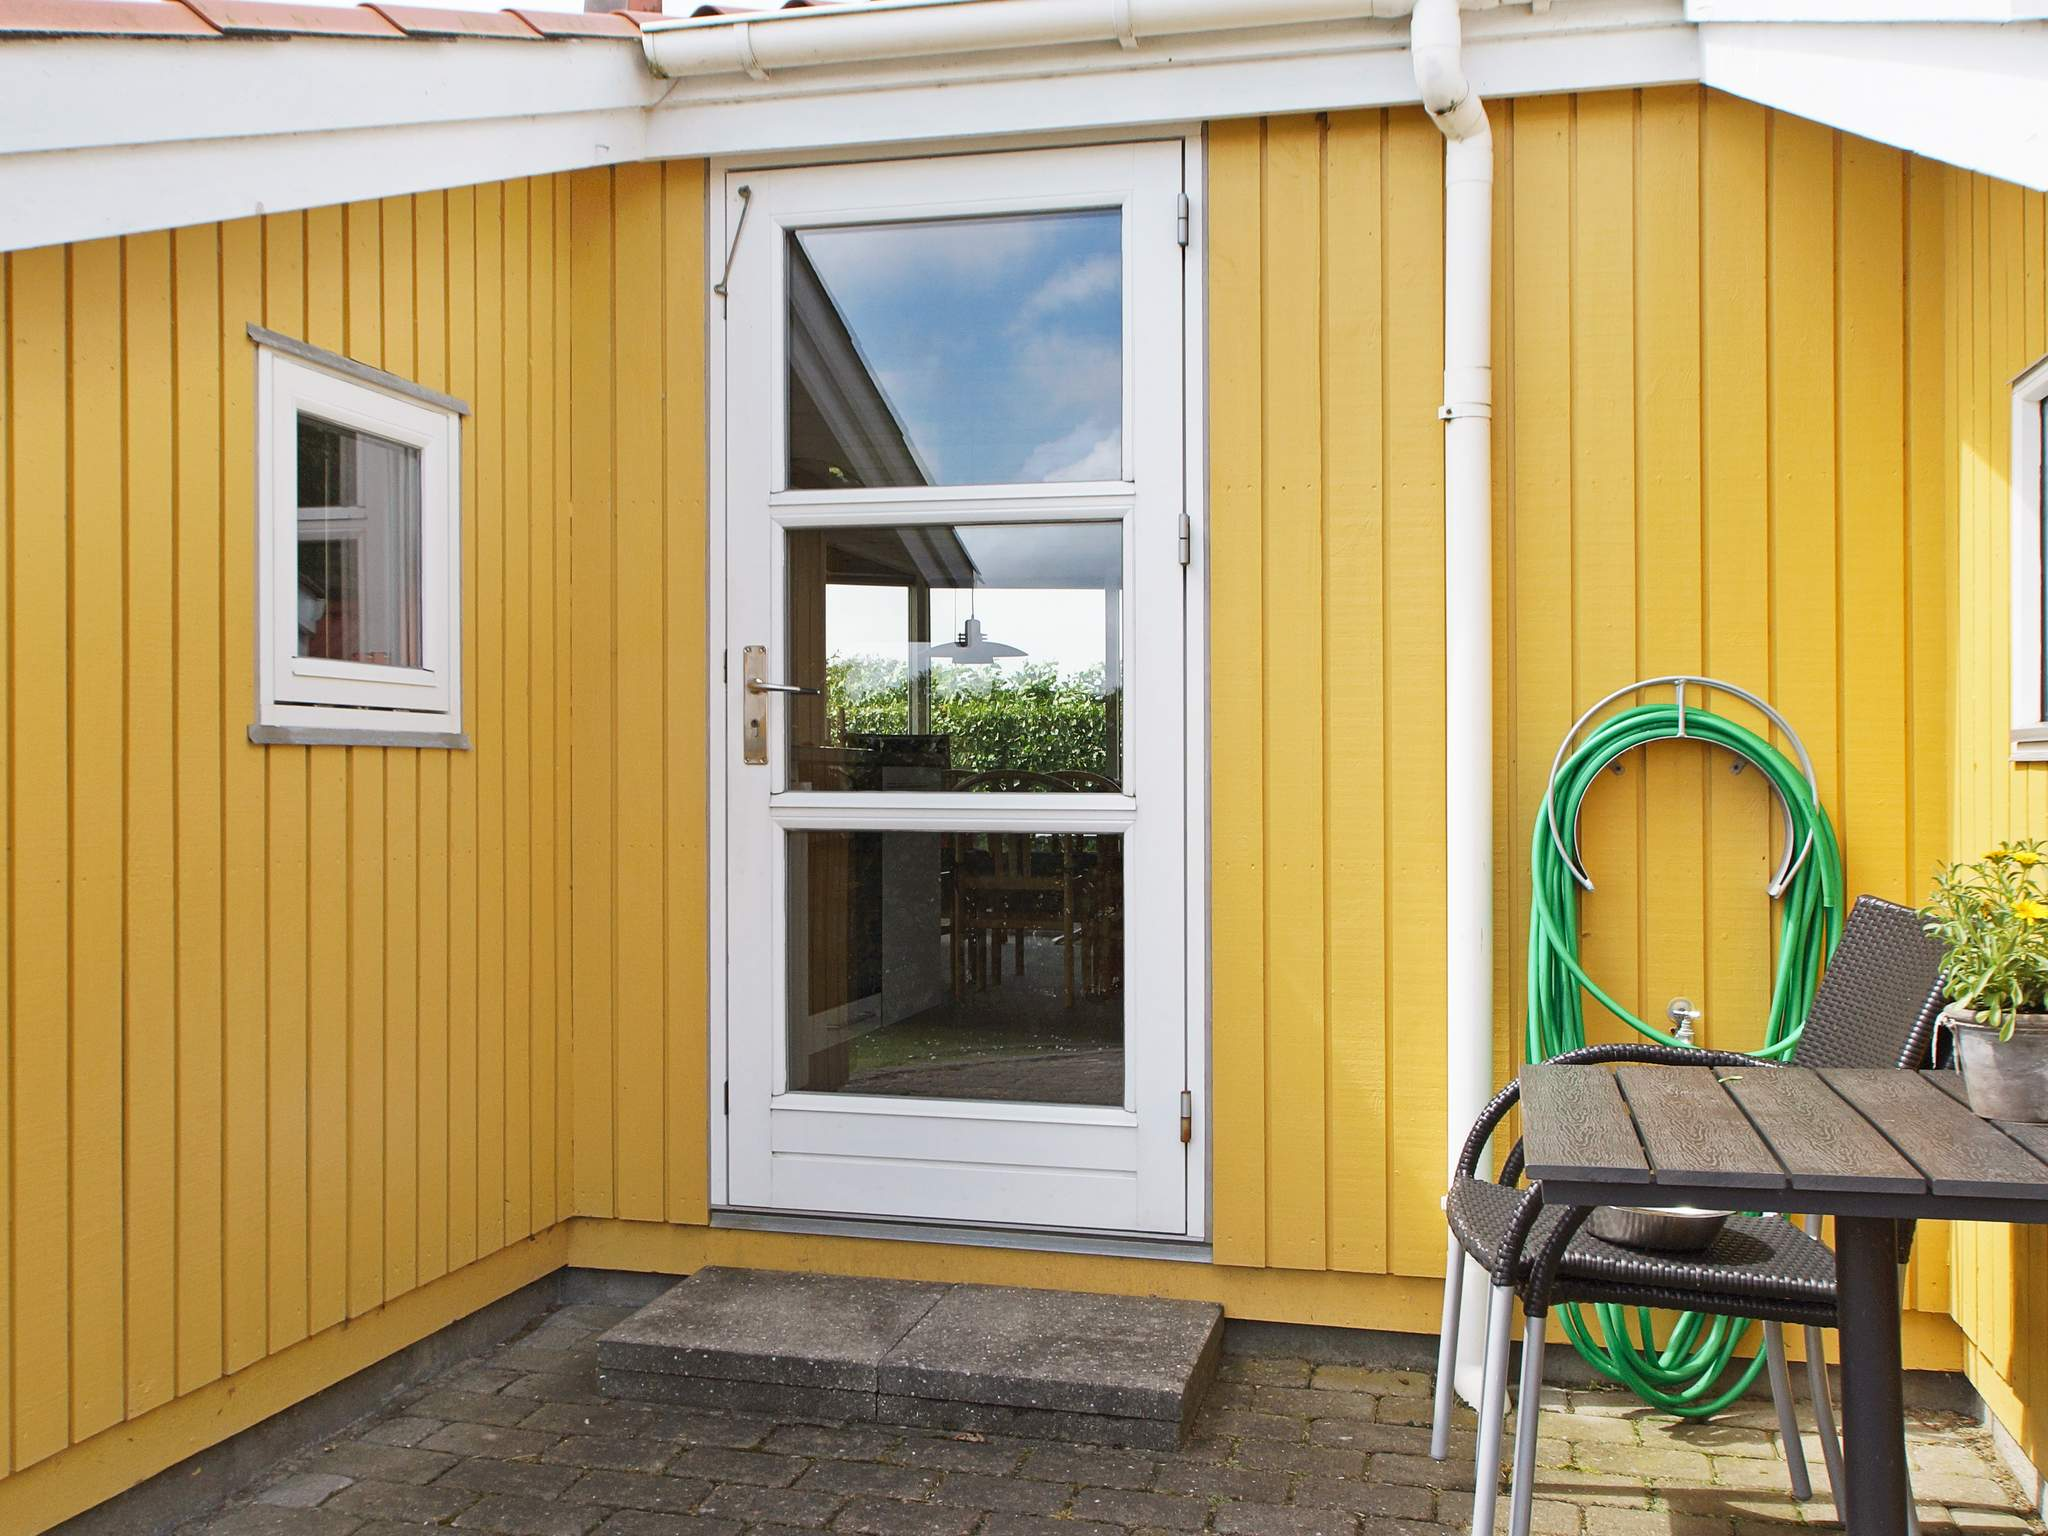 Ferienhaus Bork Havn (241763), Bork Havn, , Westjütland, Dänemark, Bild 16